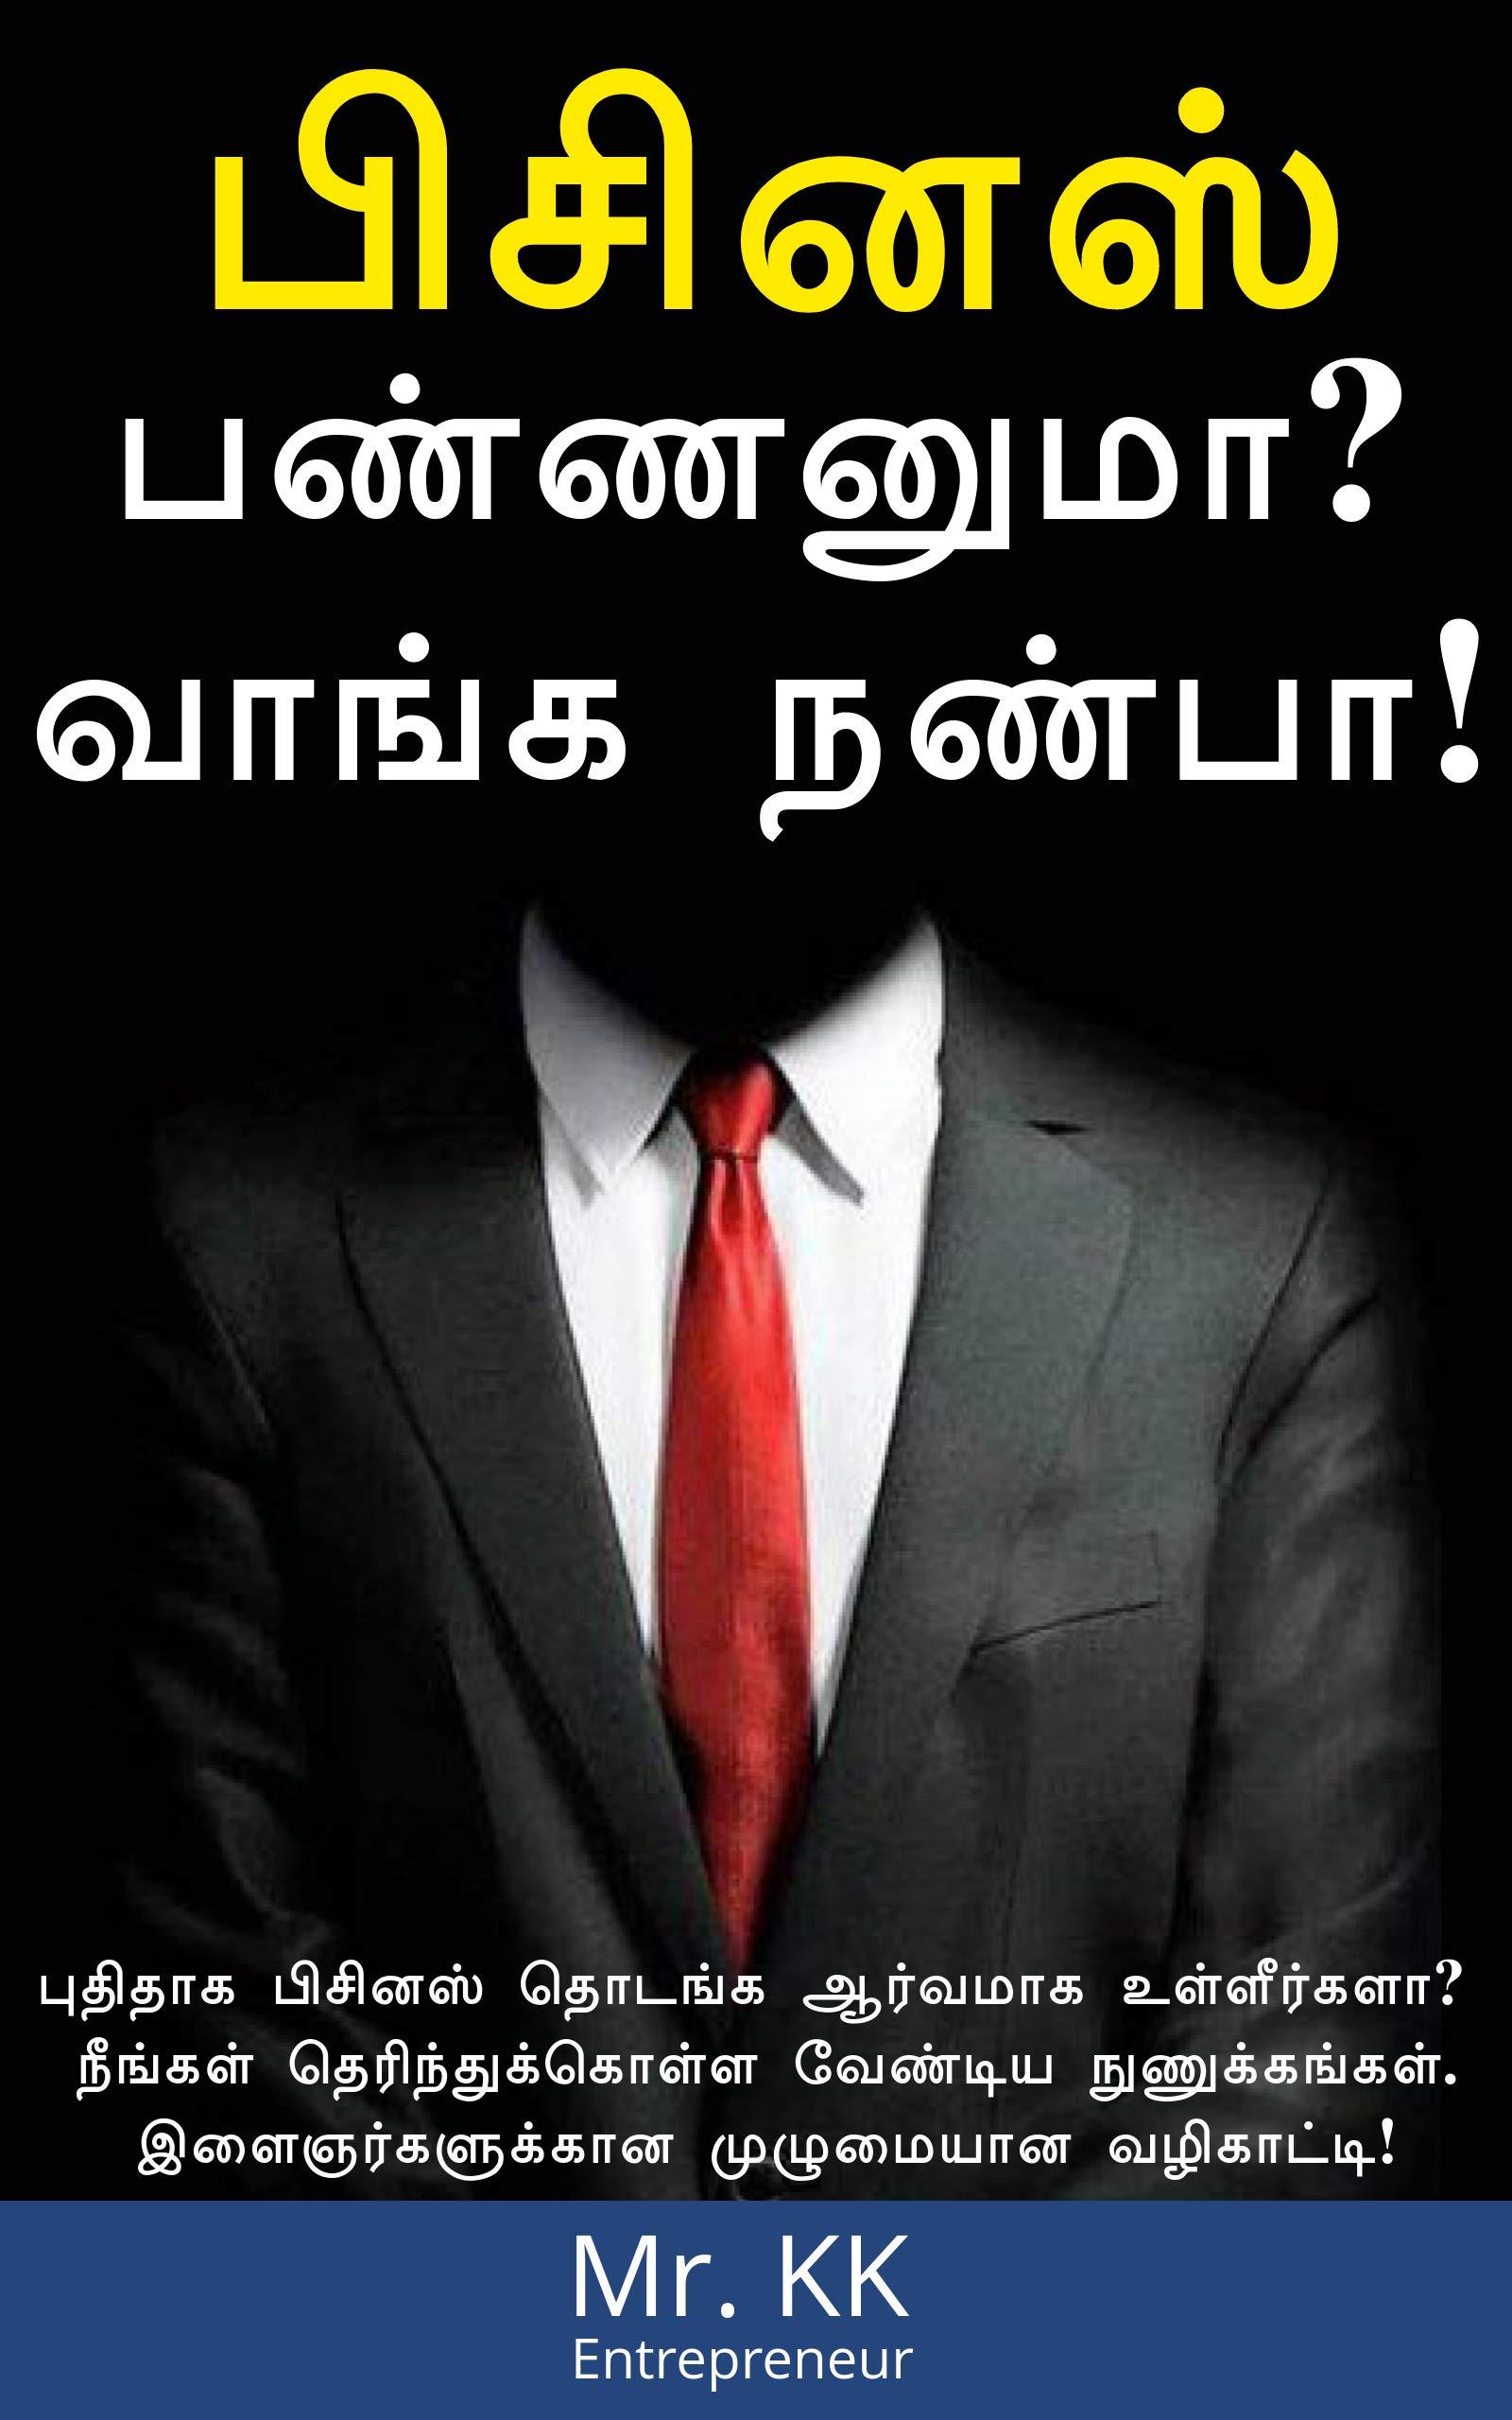 பிசினஸ் பண்ணனுமா? வாங்க நண்பா!: புதிதாக பிசினஸ் தொடங்க ஆர்வமாக உள்ளீர்களா? நீங்கள் தெரிந்துகொள்ள வேண்டிய அடிப்படை நுணுக்கங்கள். இளைஞர்களுக்கான முழுமையான வழிகாட்டி! (Tamil Edition)